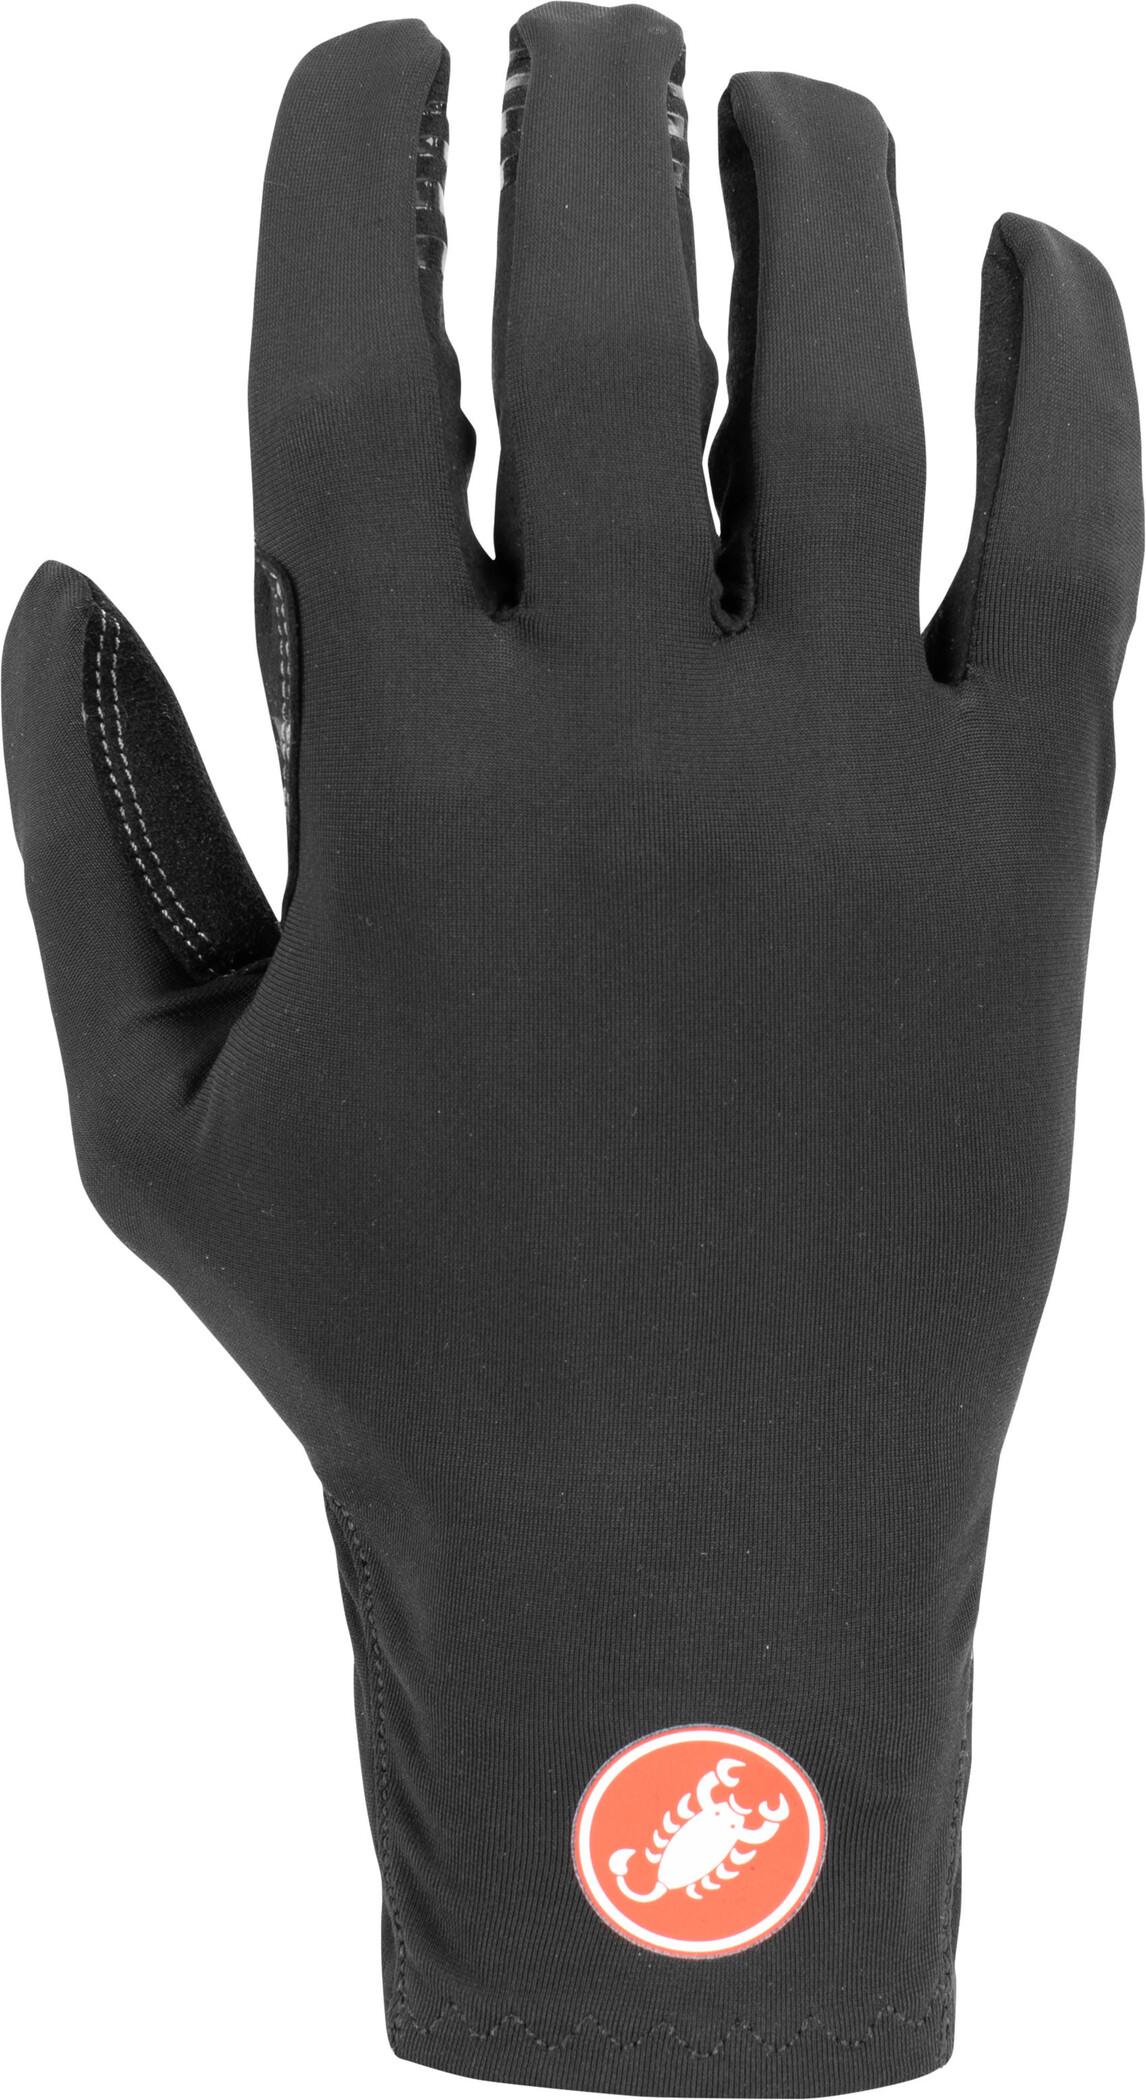 Castelli Lightness 2 Gloves - Black | Gloves